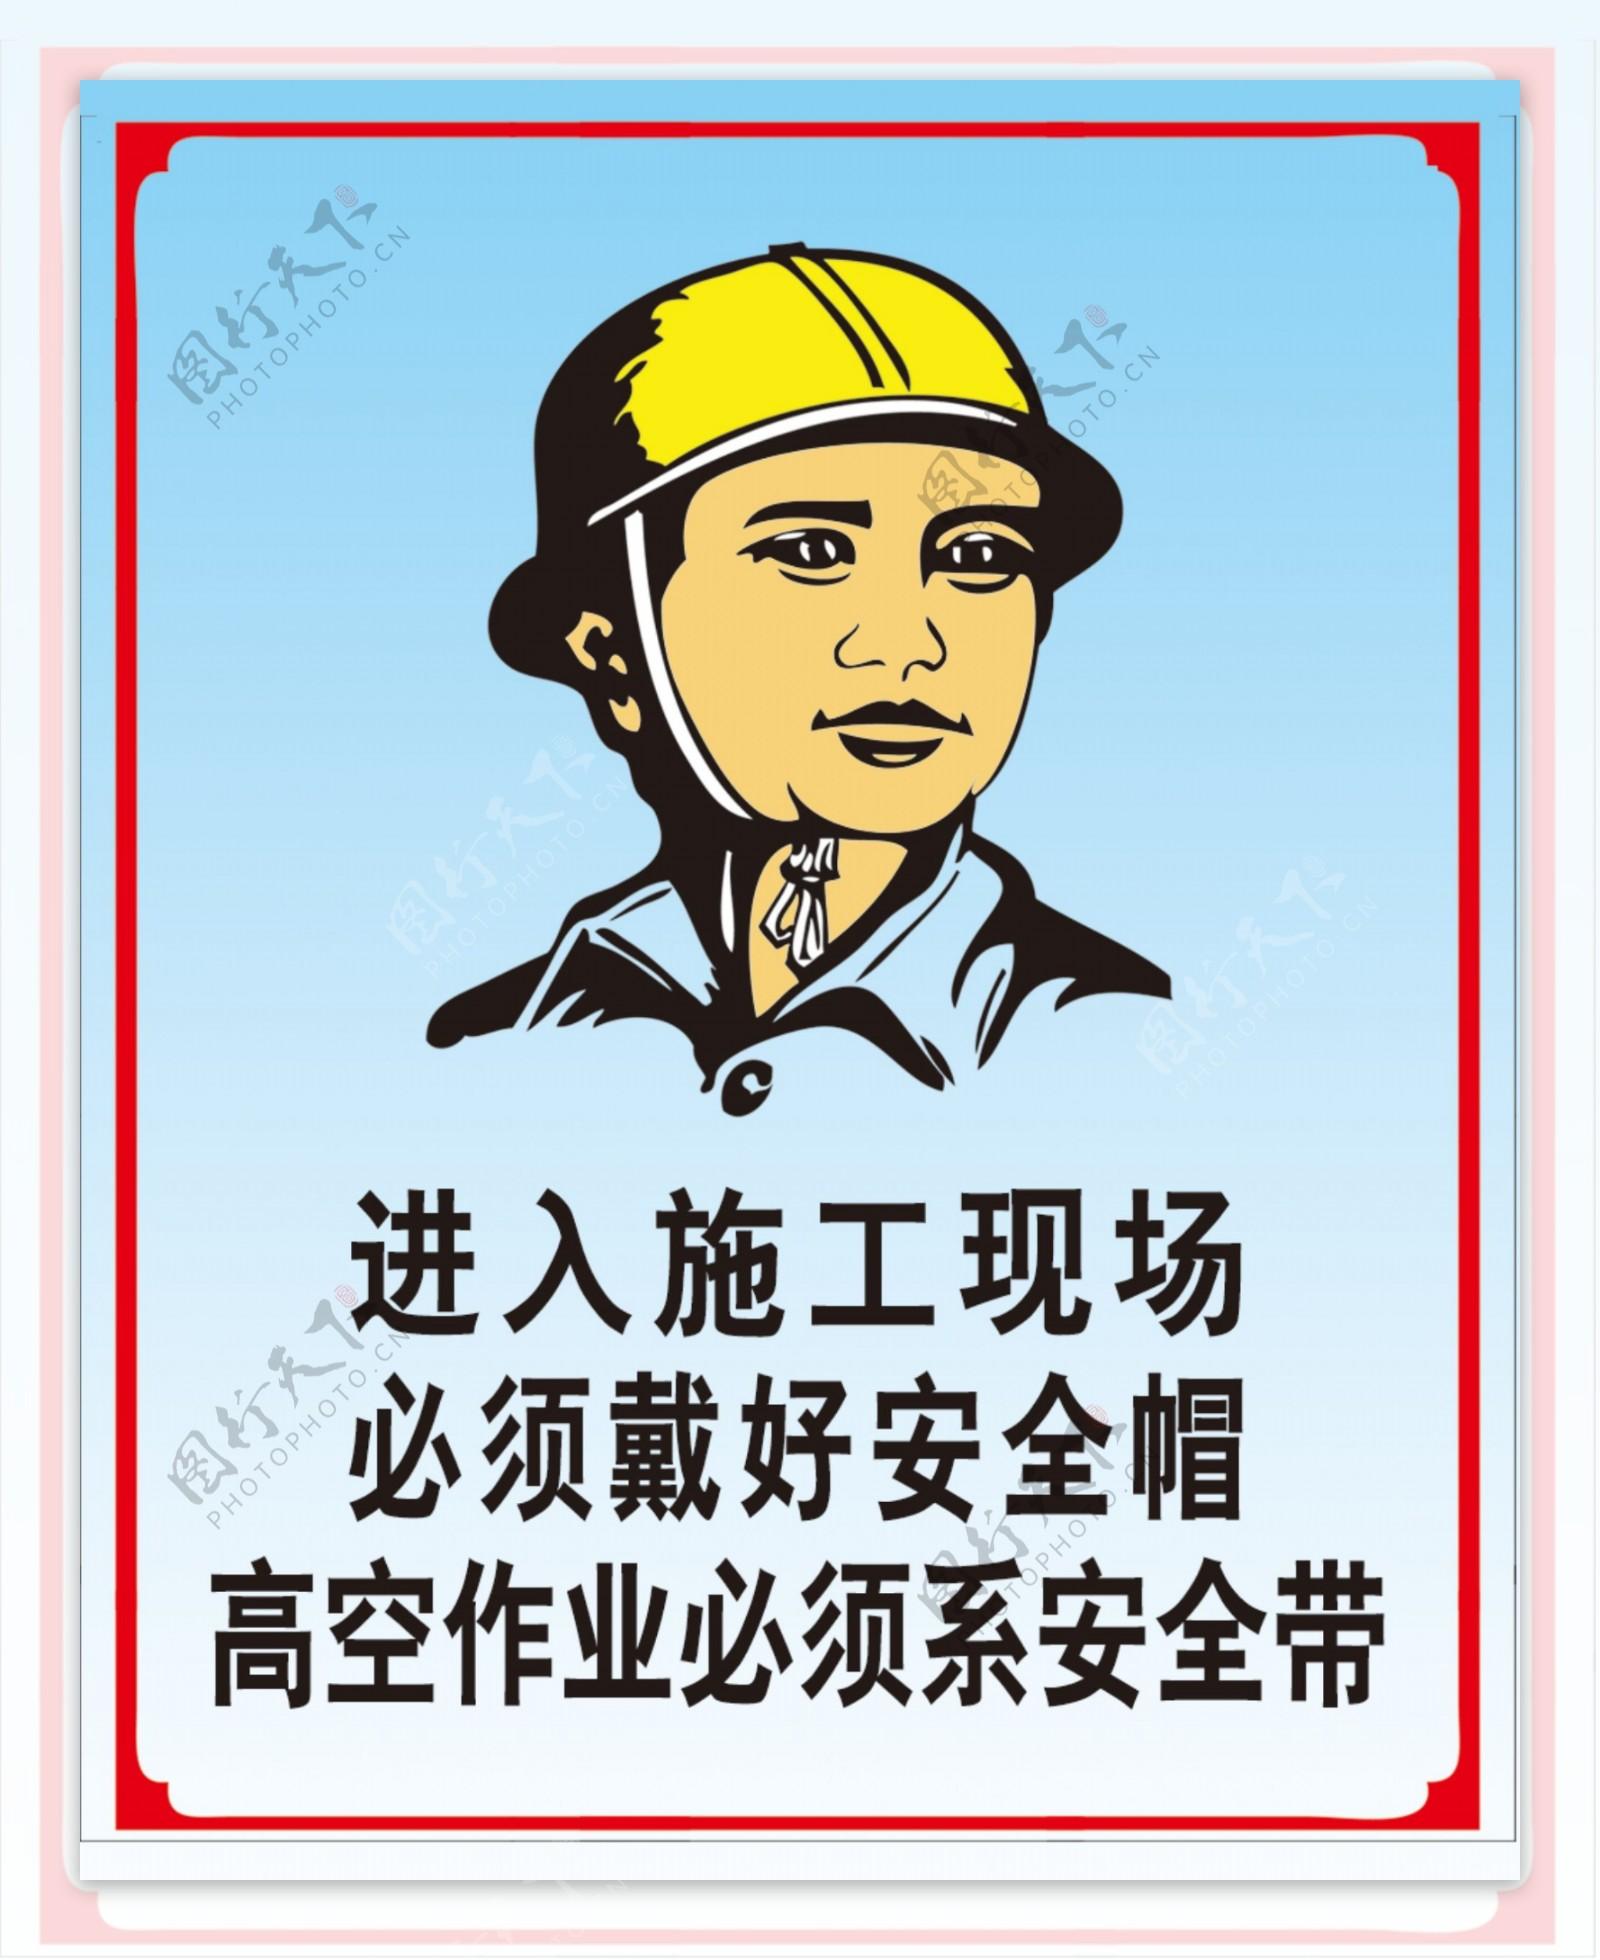 工地标识图片